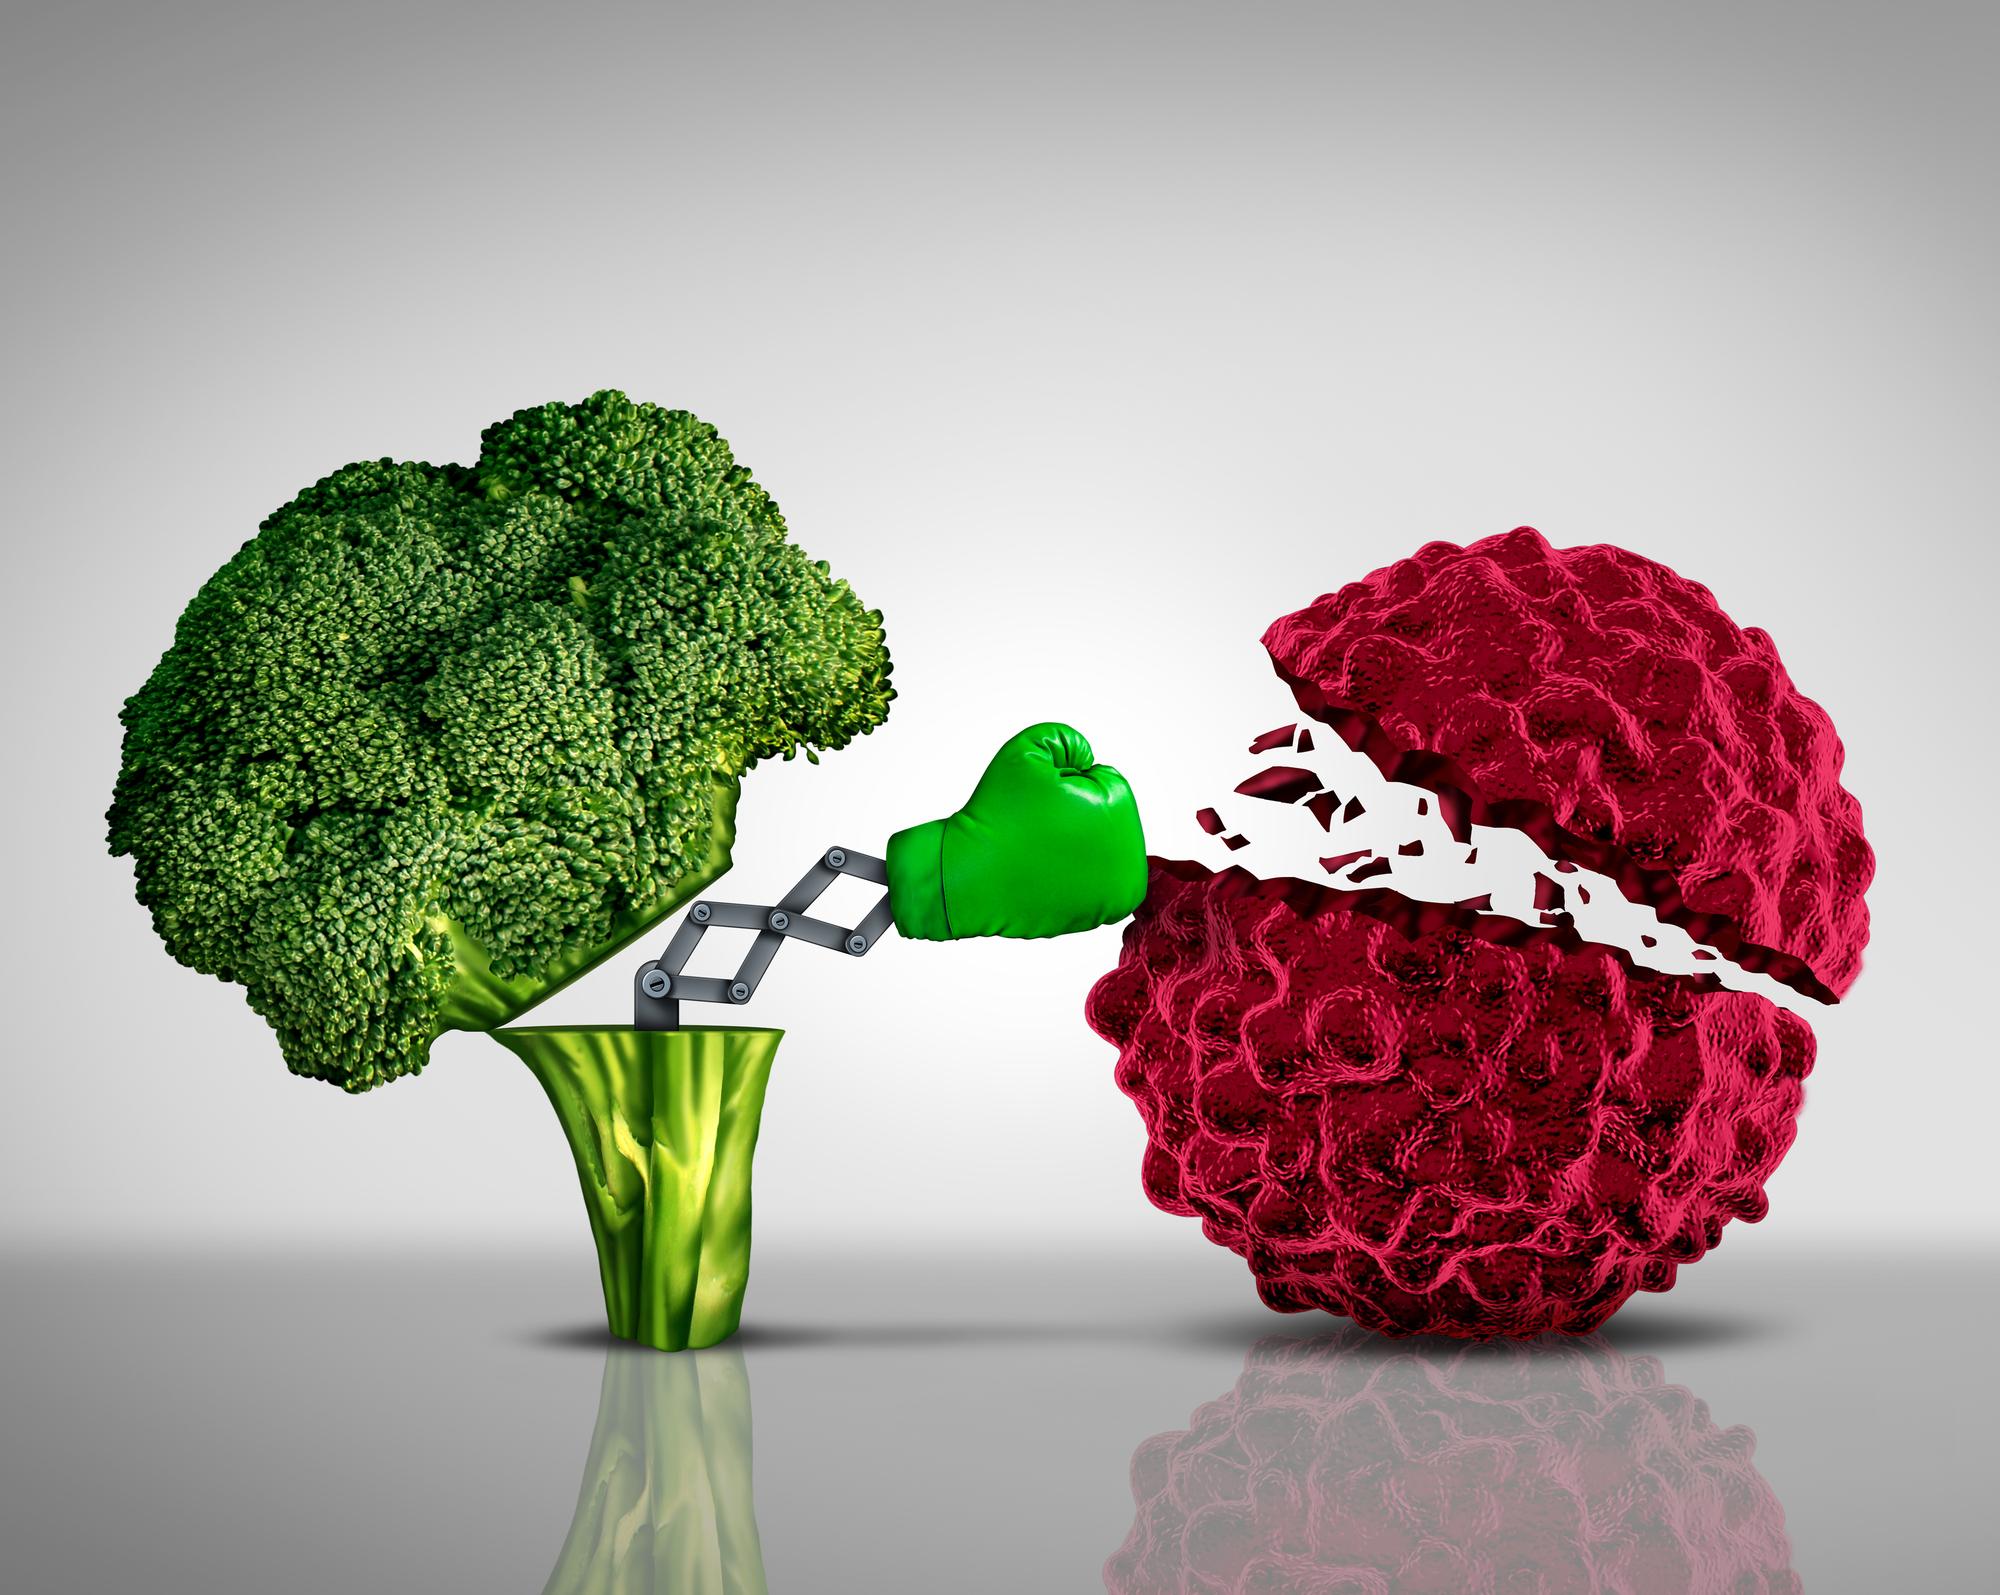 Najlepsze zalecenia w dziedzinie żywienia i chorób nowotworowych